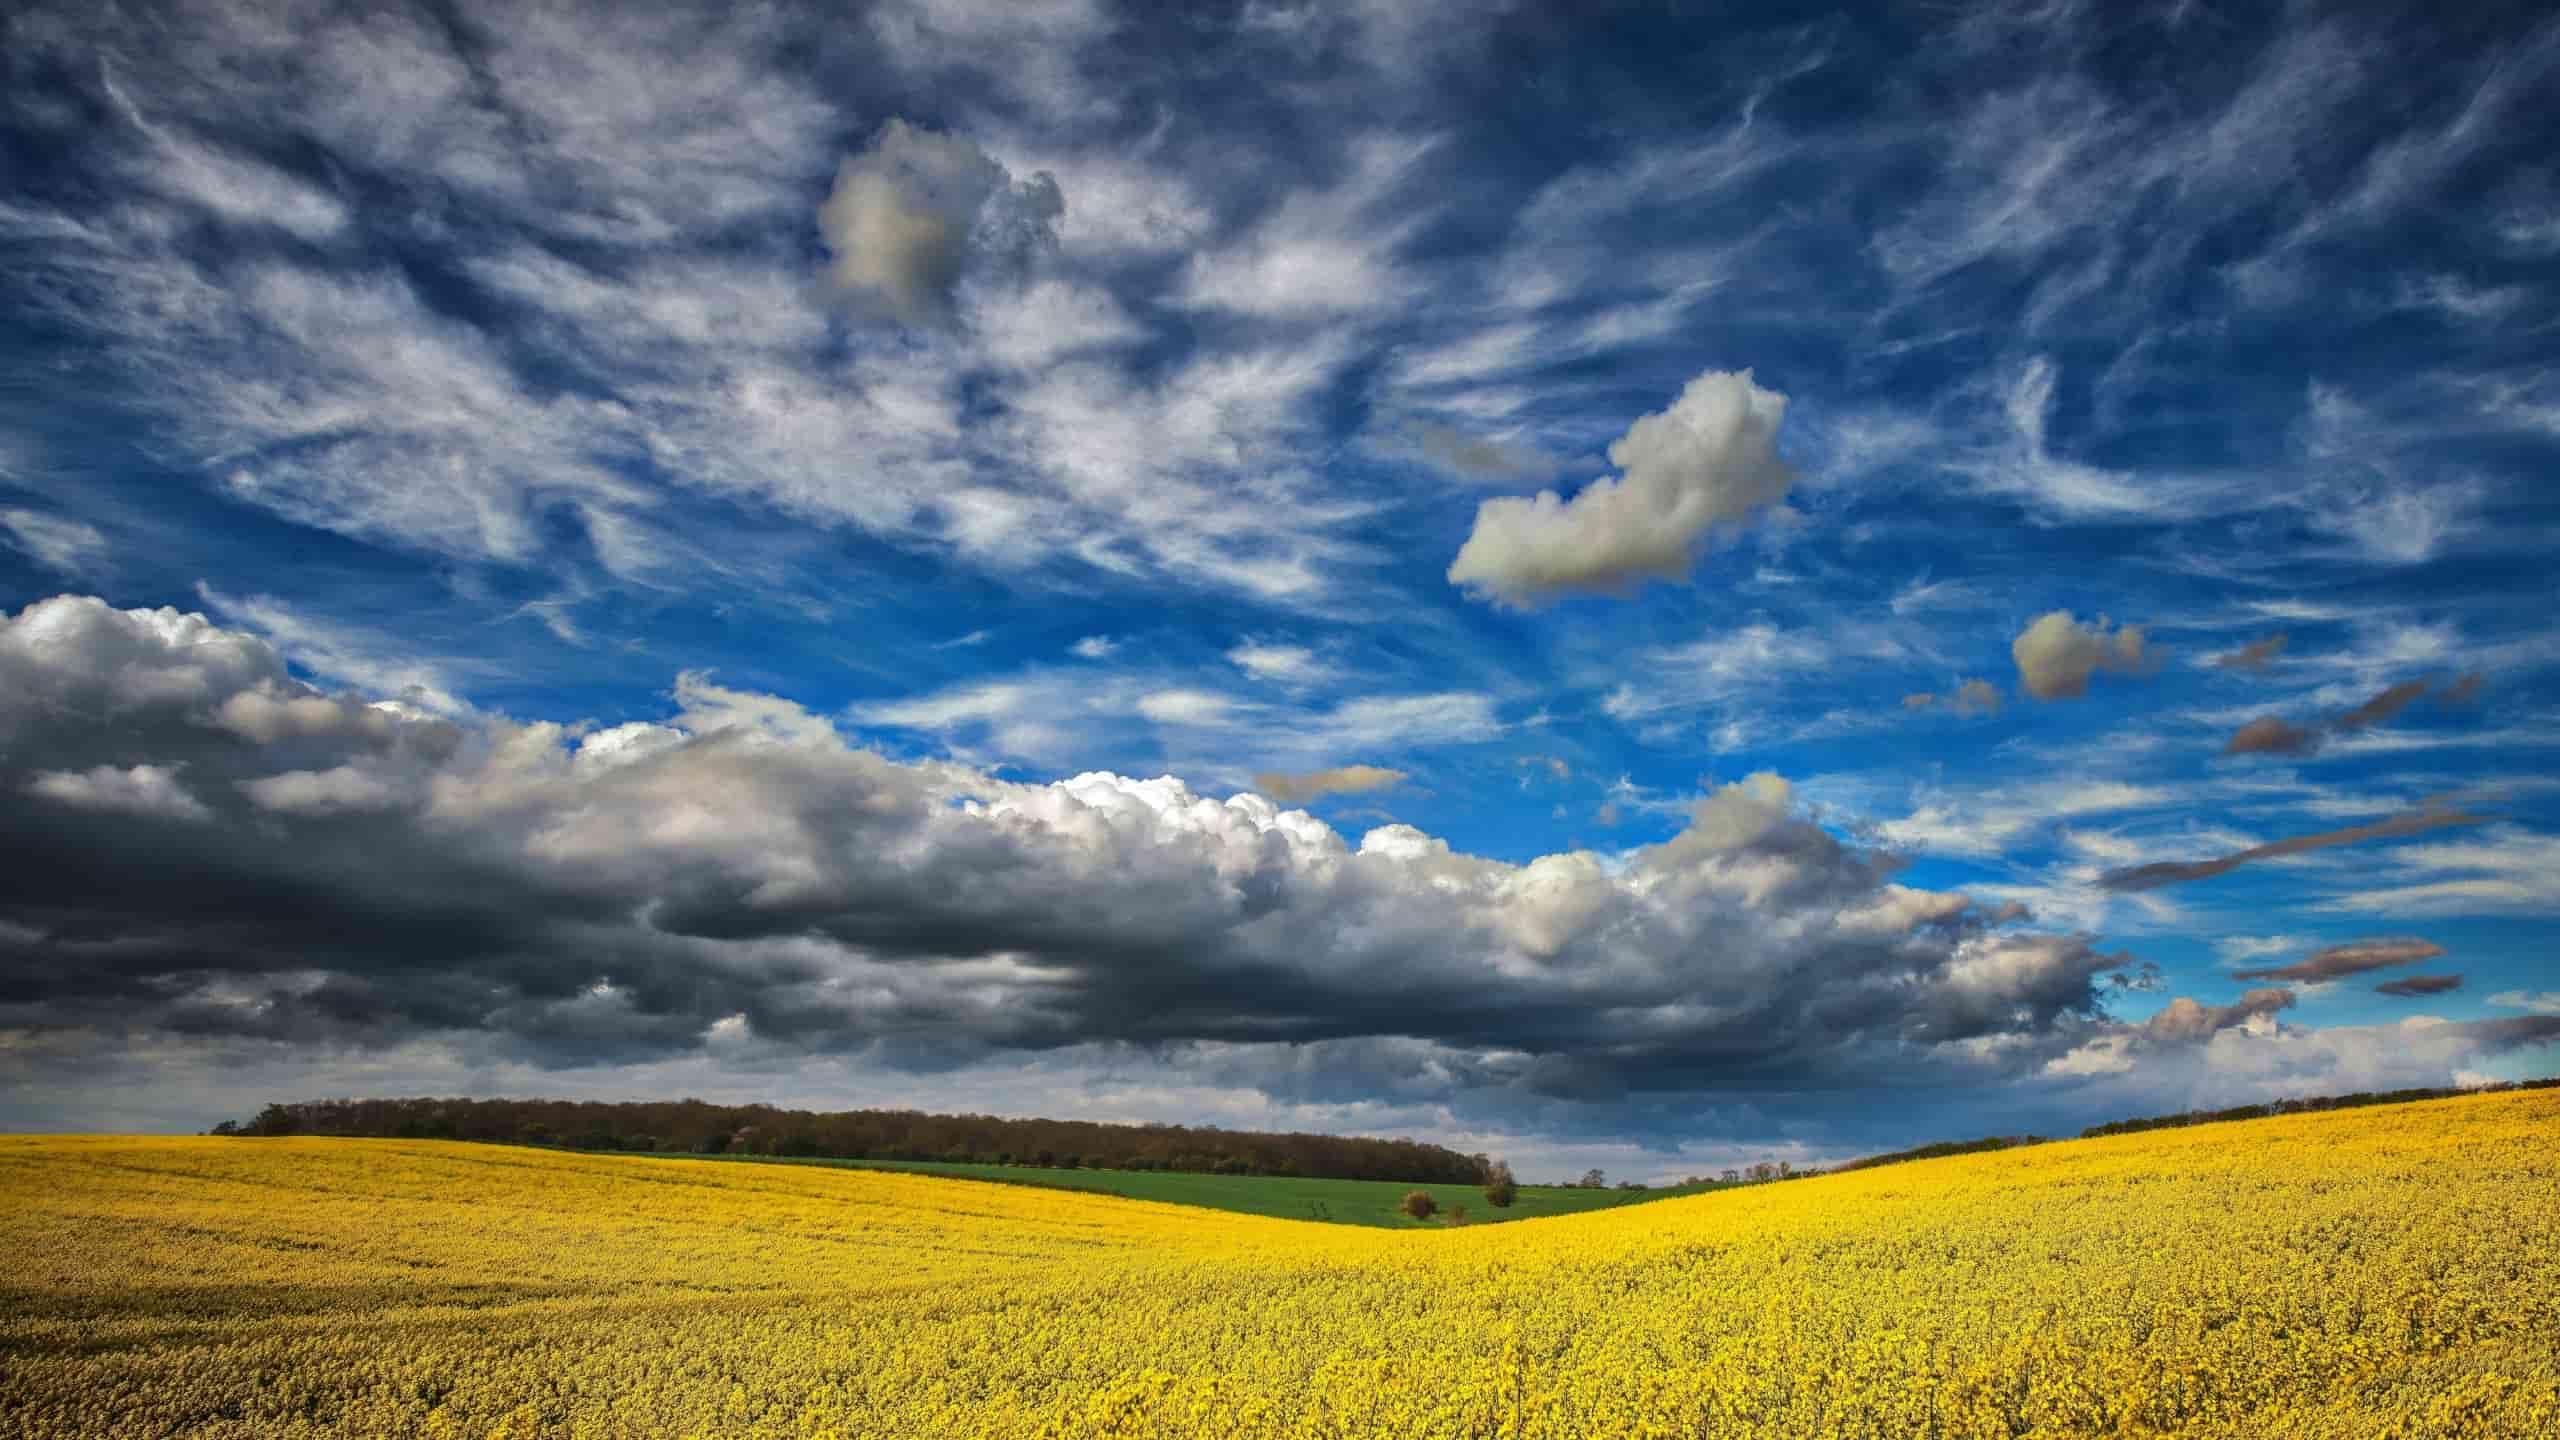 Погода в Днепре 26 июня: облачно и жарко. Новости Днепра